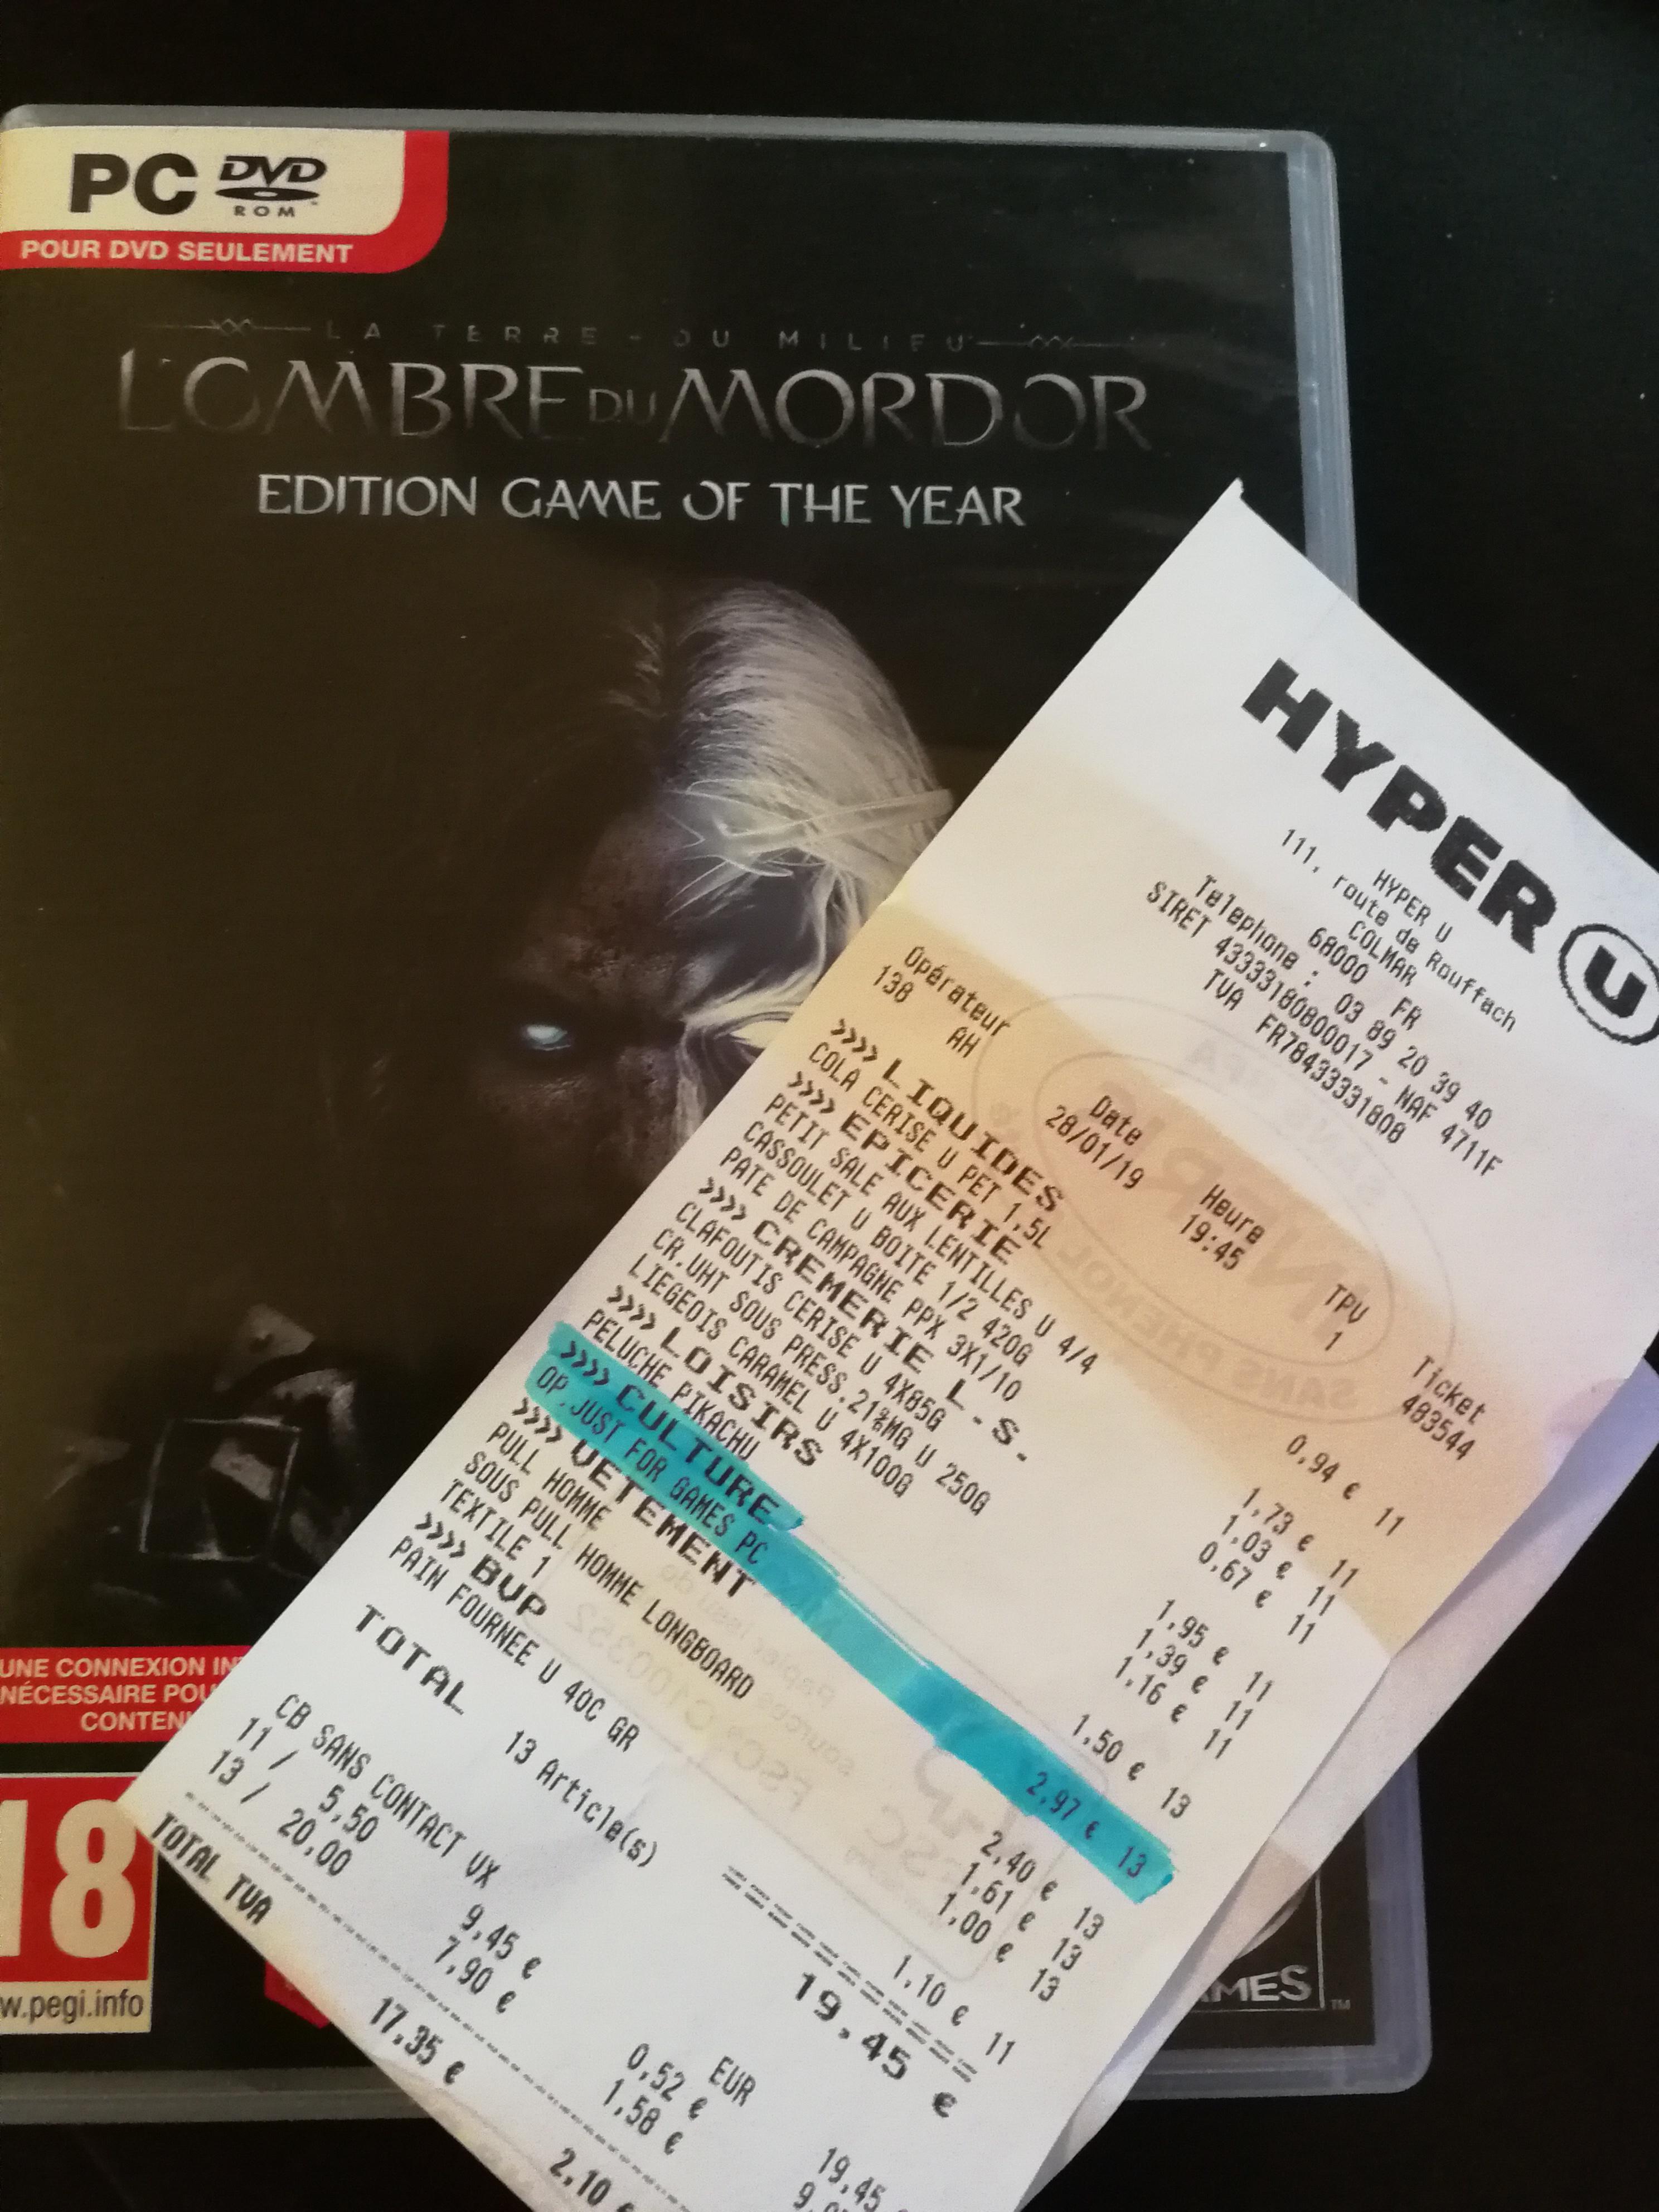 La Terre du Milieu : L'Ombre du Mordor GOTY sur PC -  Hyper U Colmar (68)